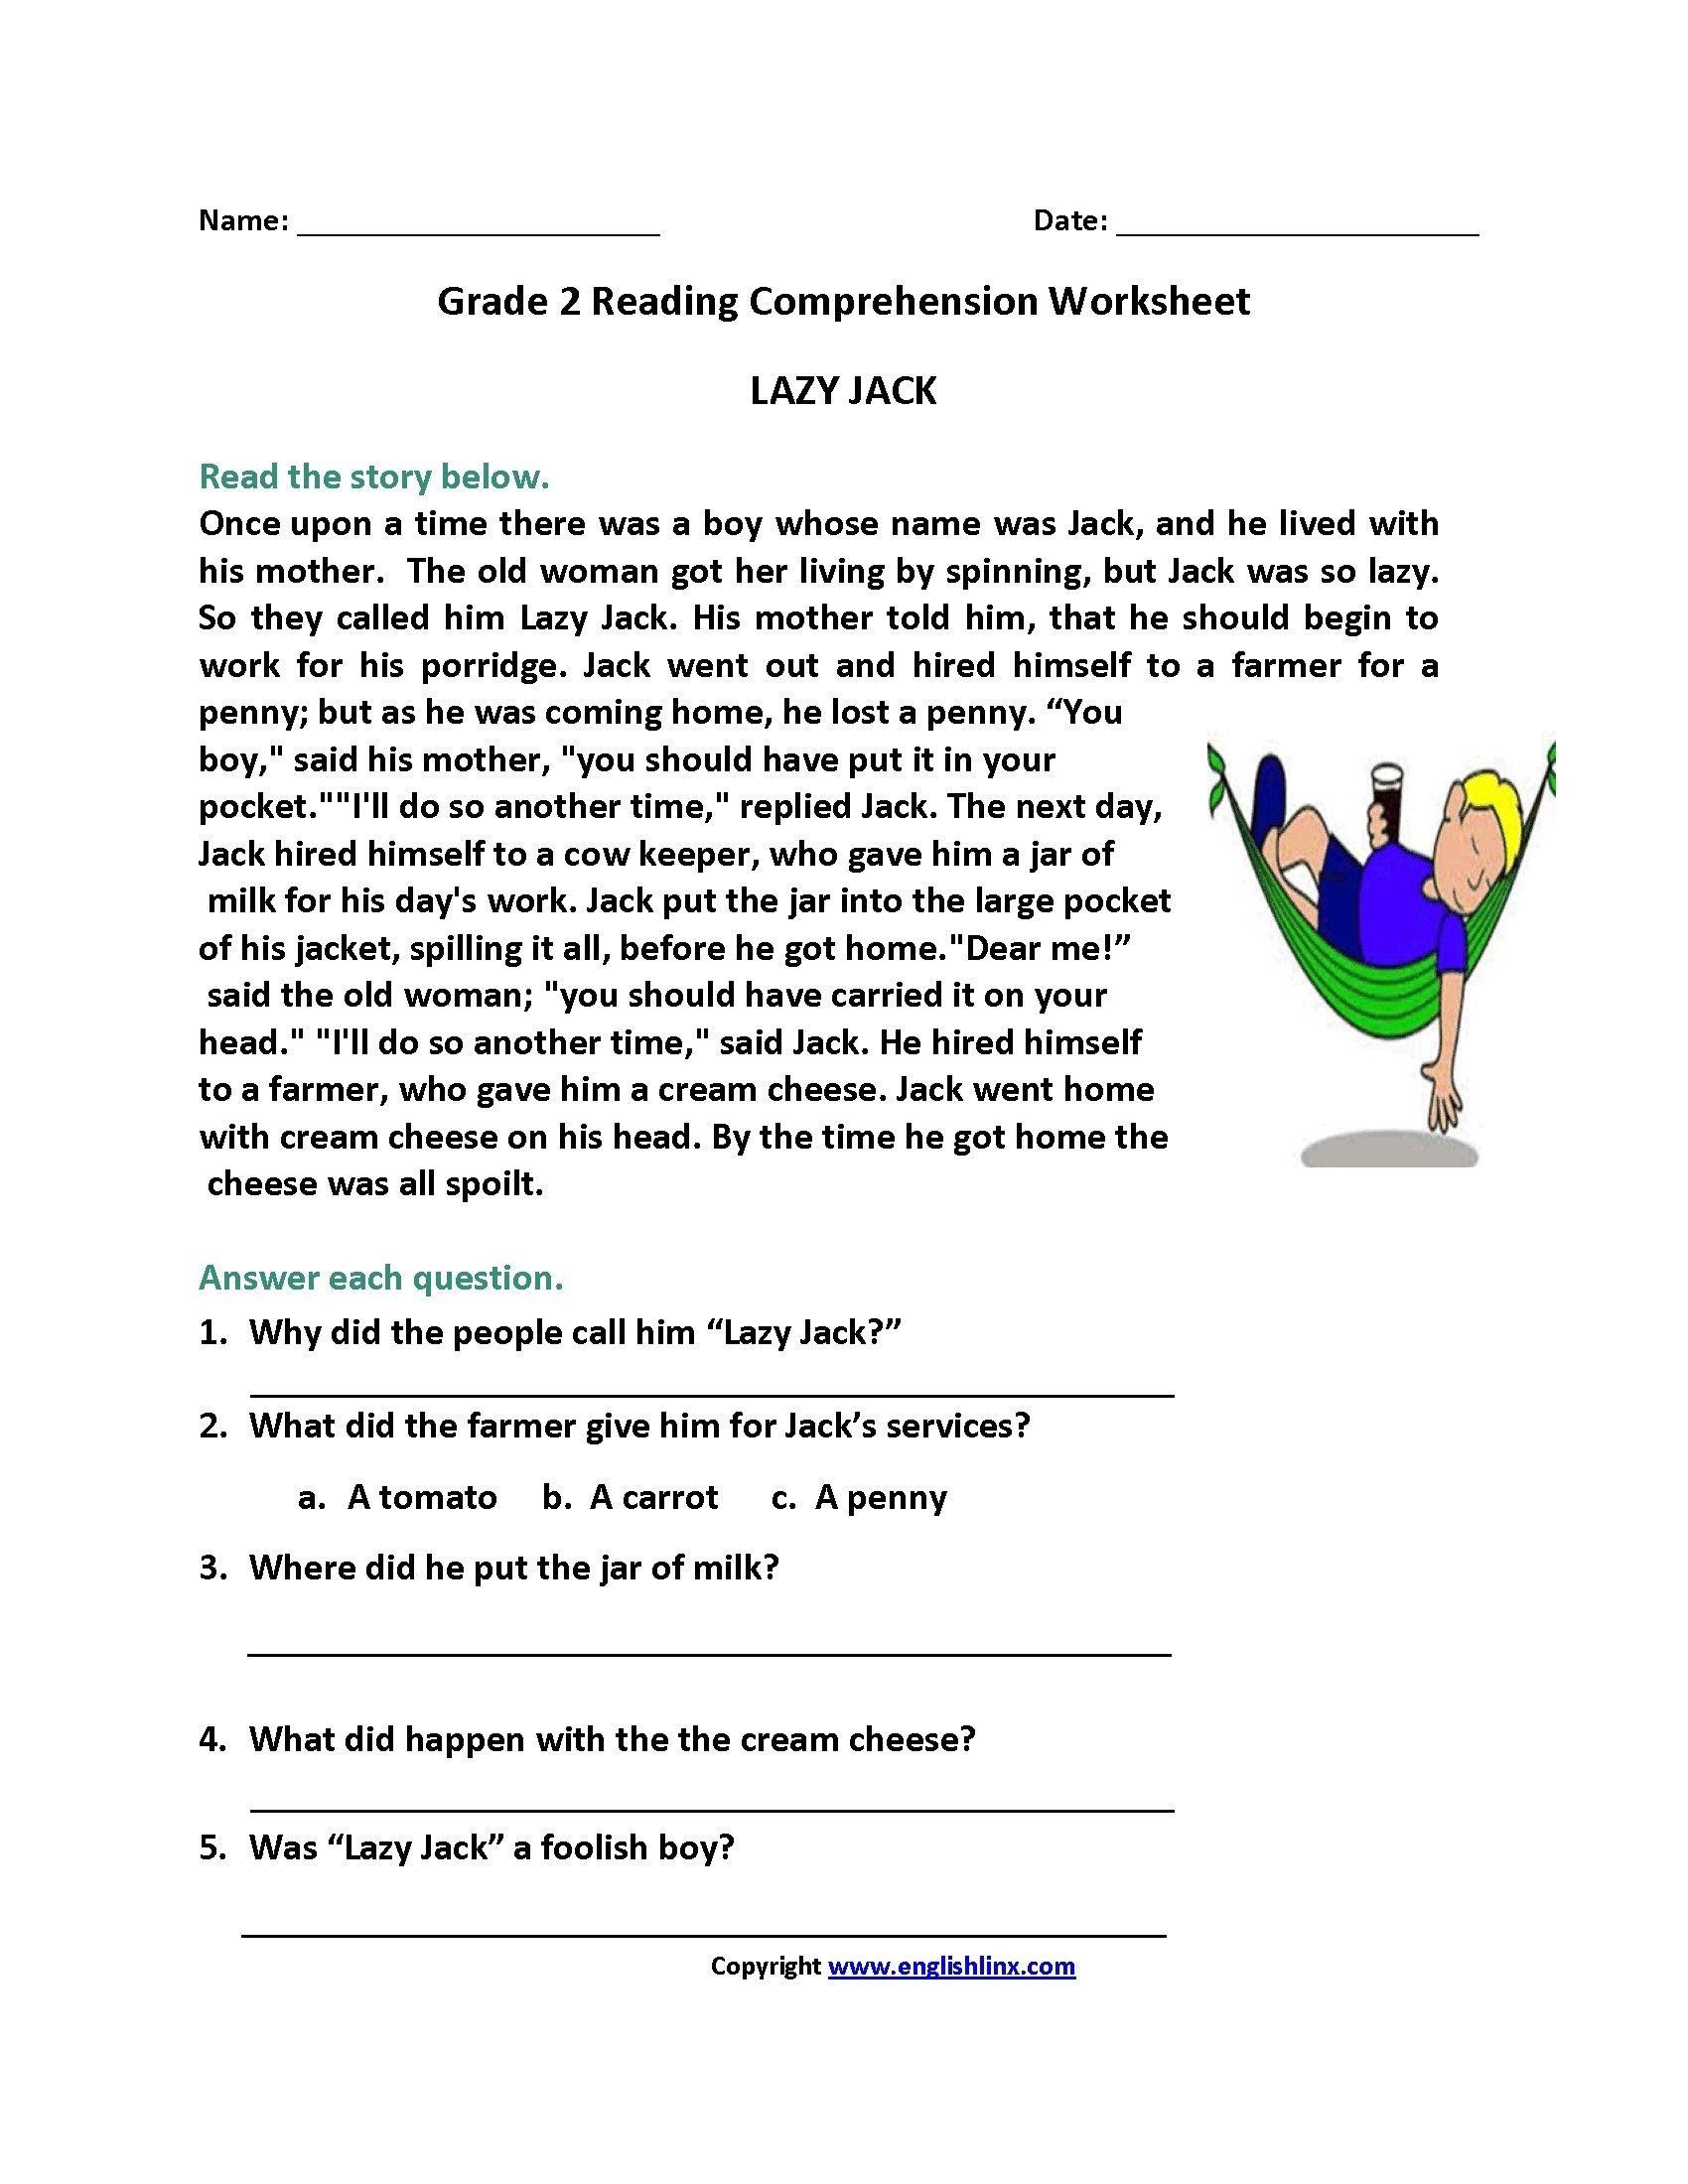 Reading Comprehension Worksheets For 2nd Grade